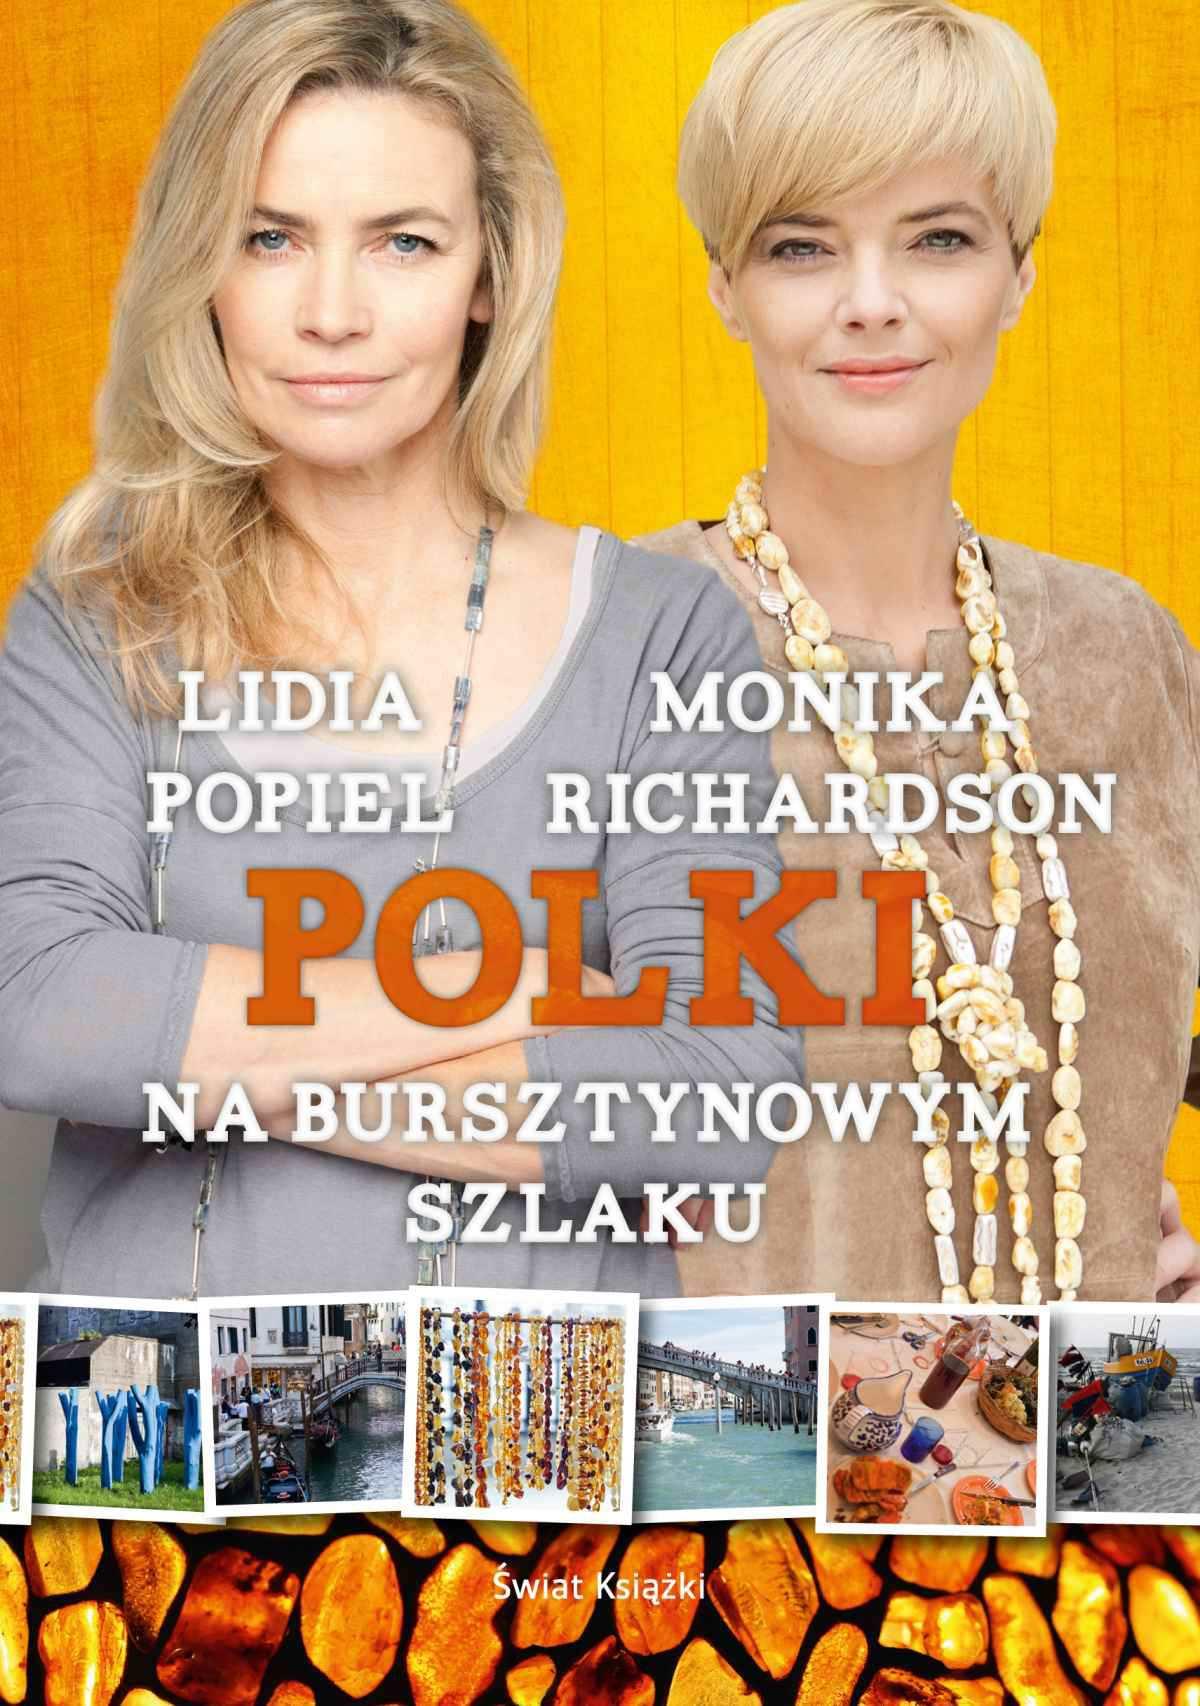 Polki na bursztynowym szlaku - Ebook (Książka EPUB) do pobrania w formacie EPUB